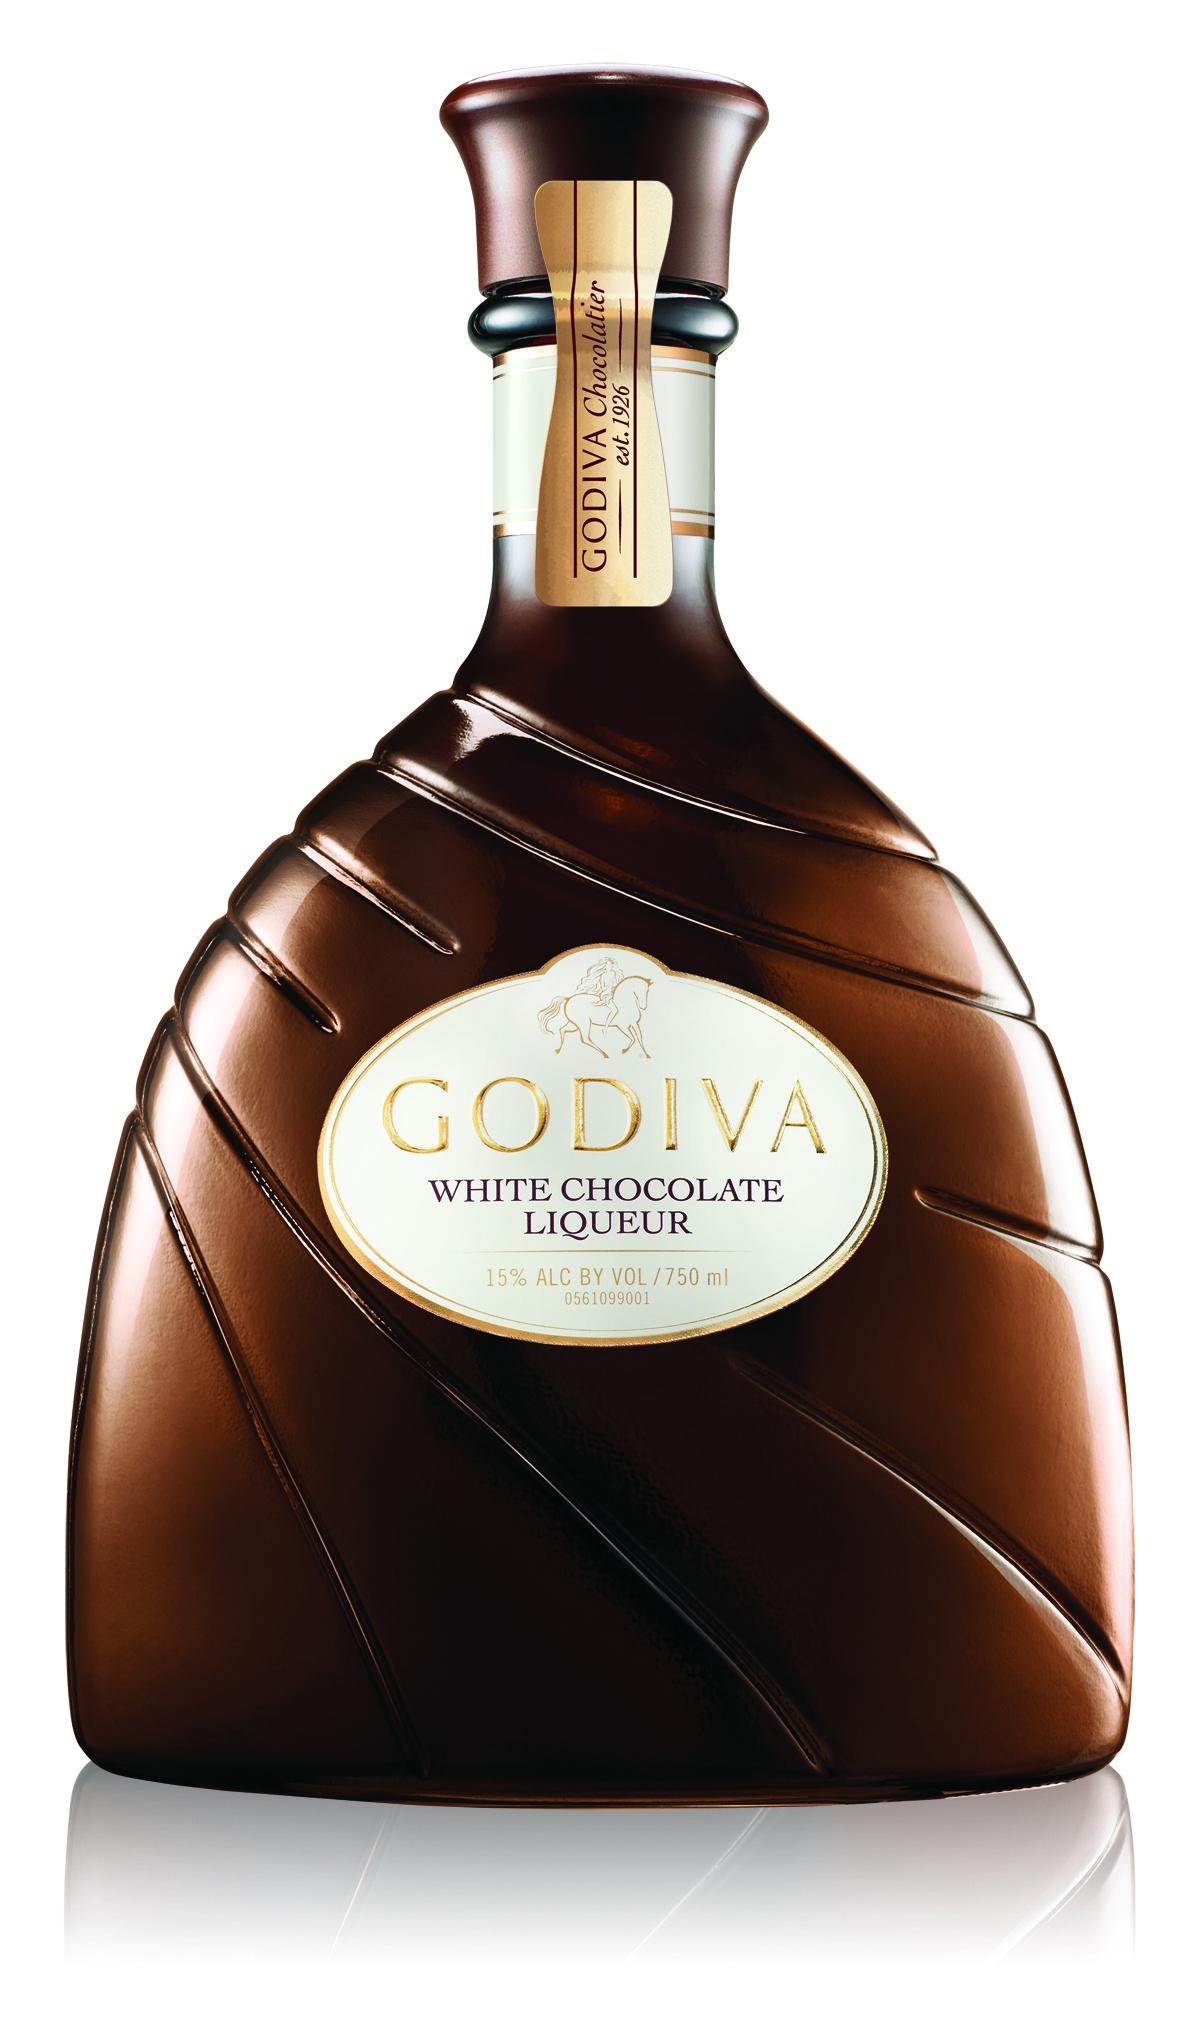 Luscious liqueurs from godiva travelgirlmag for Go diva